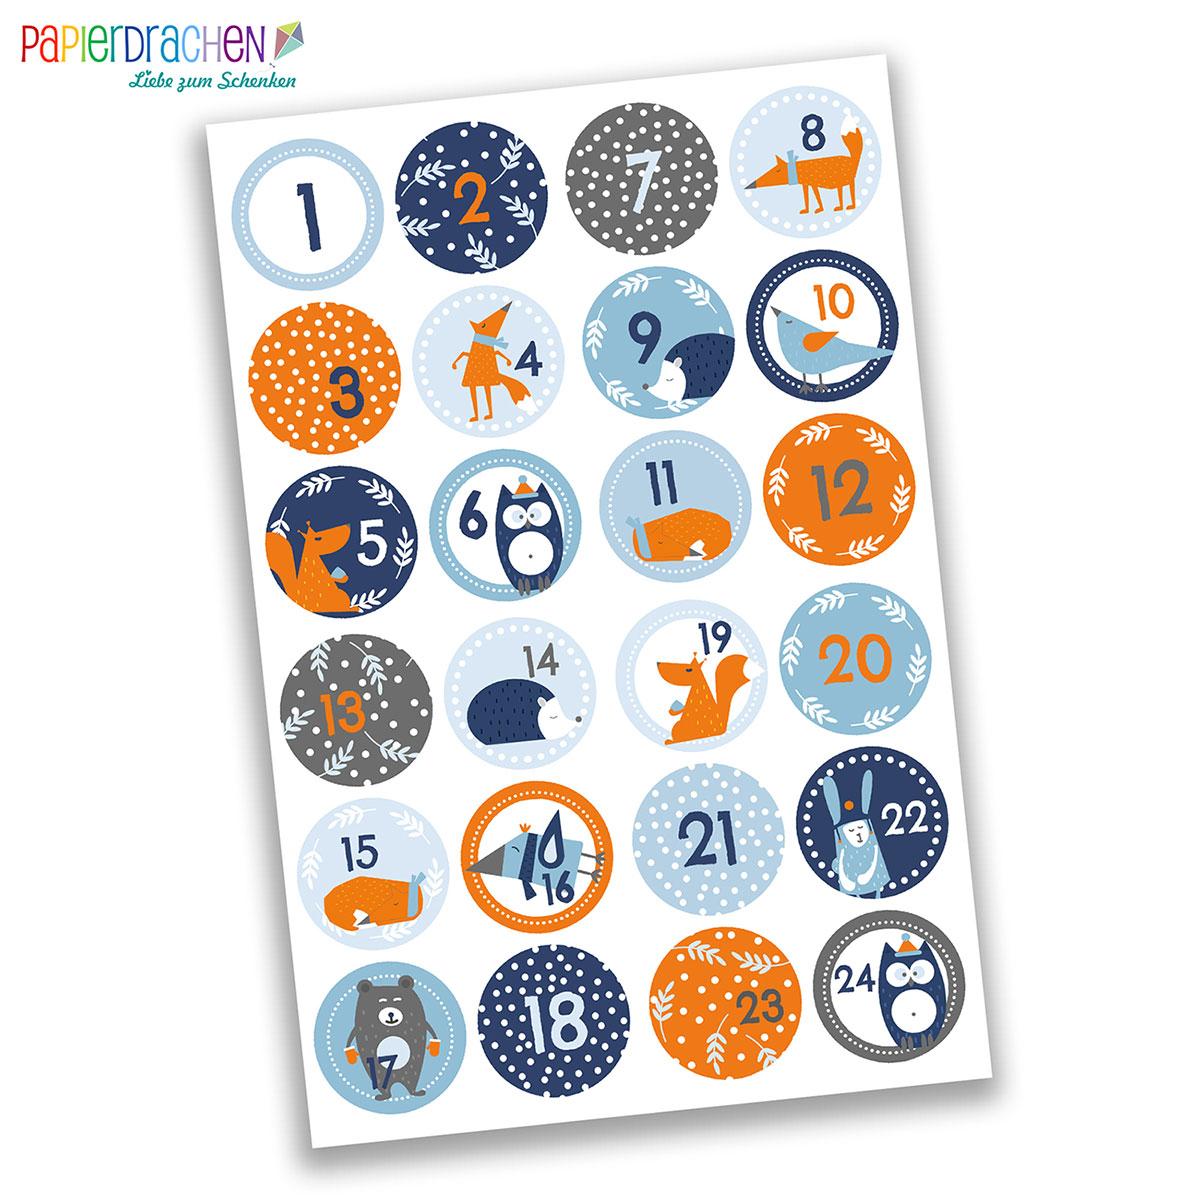 24 Adventskalender Zahlenaufkleber Design Nr 32